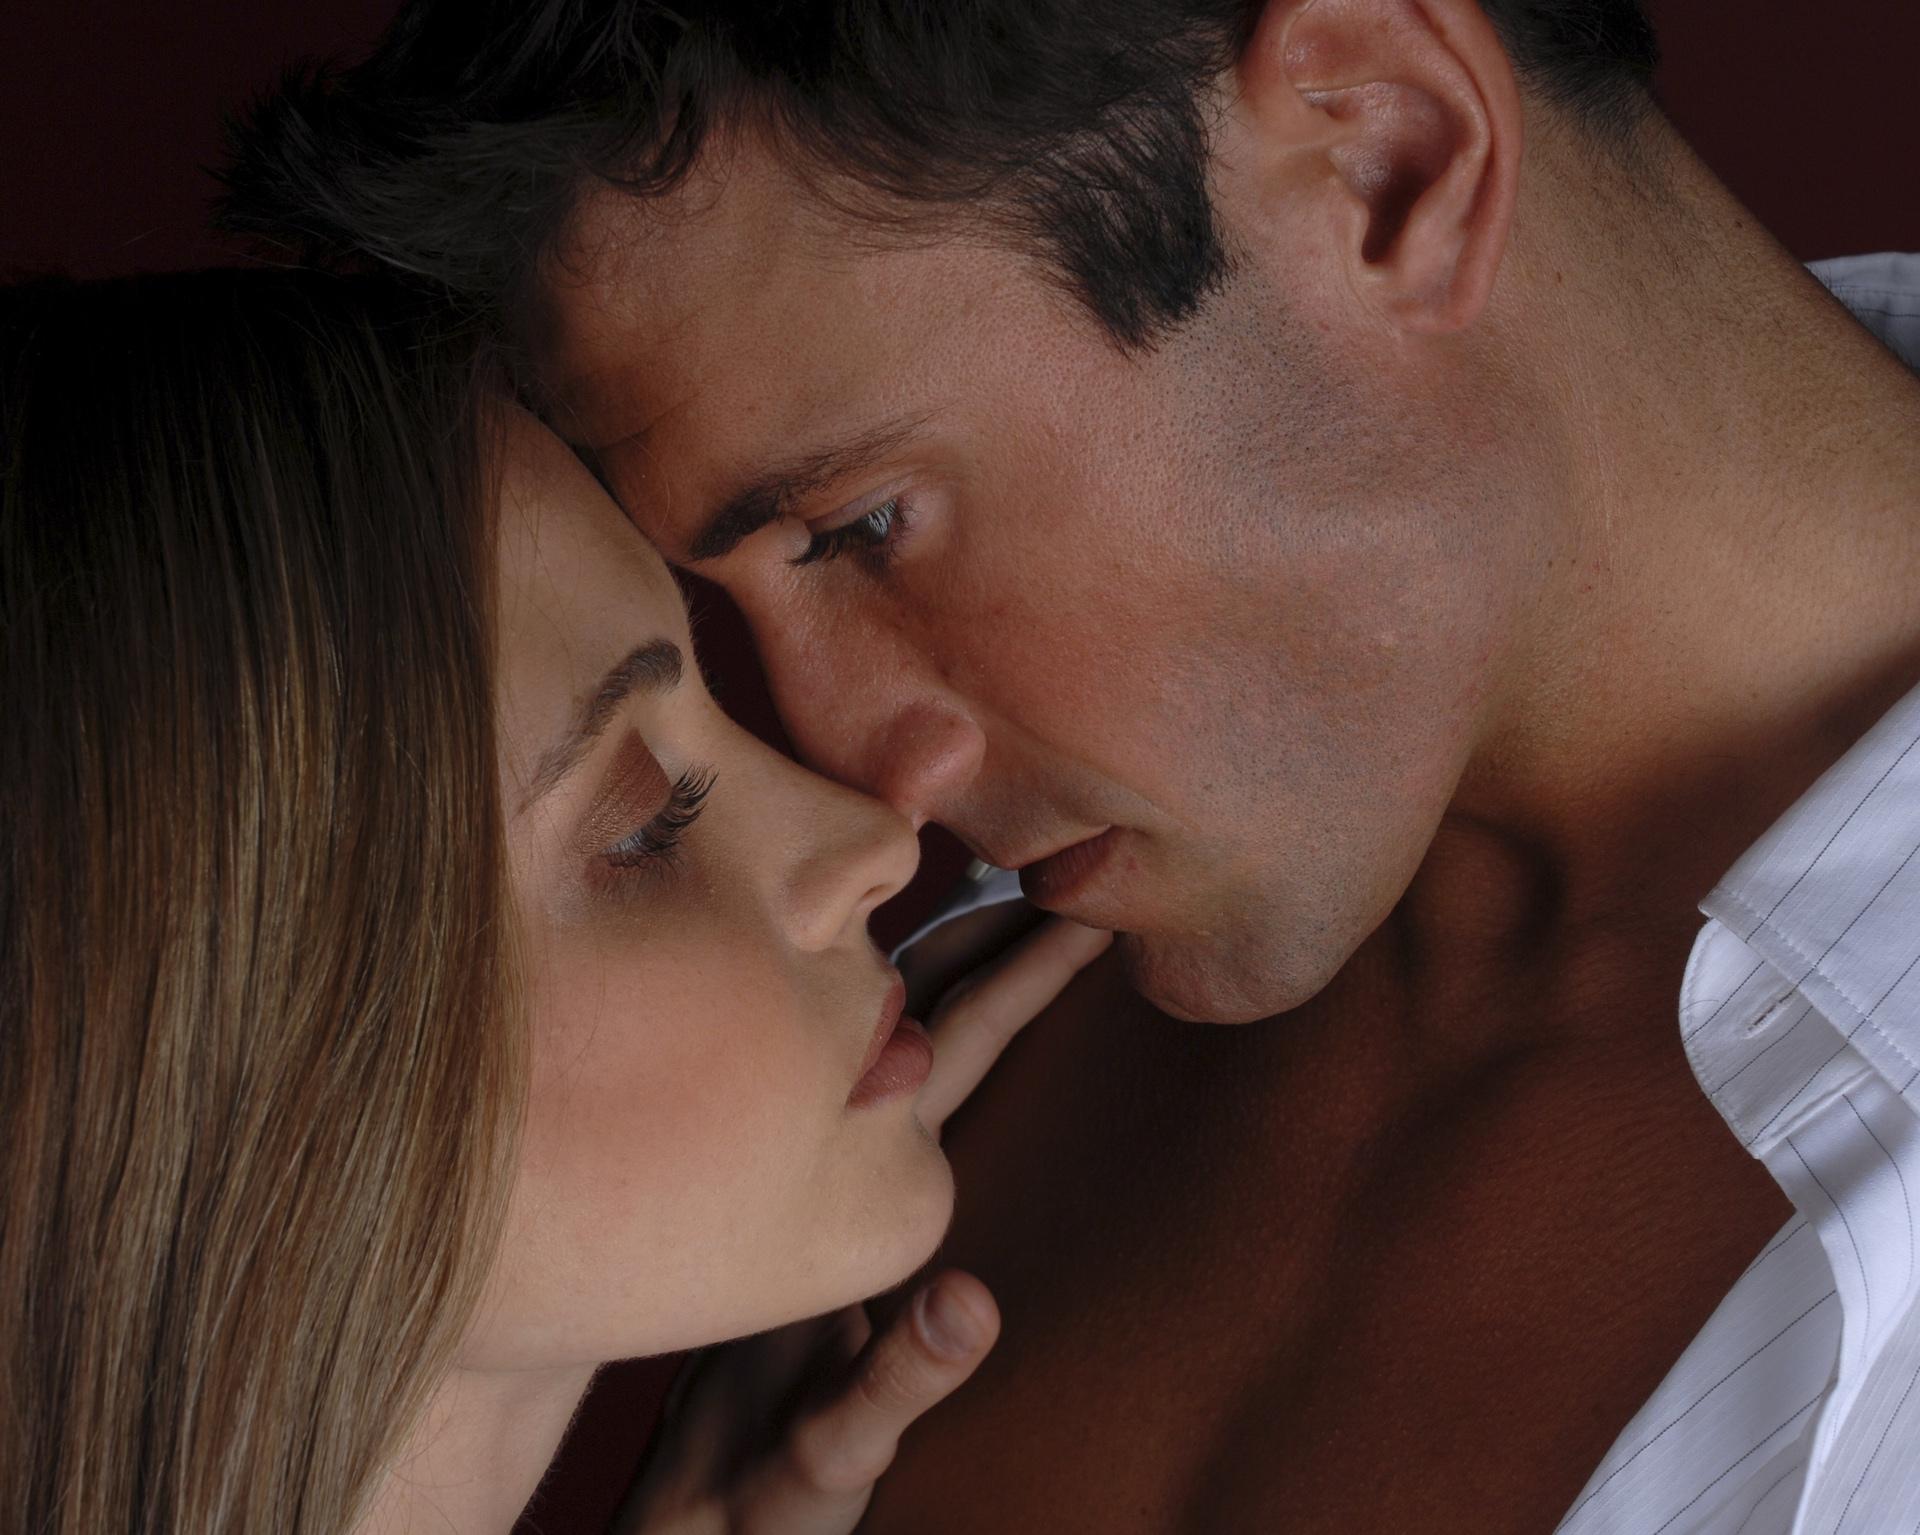 страстный глубокий поцелуй видео присев